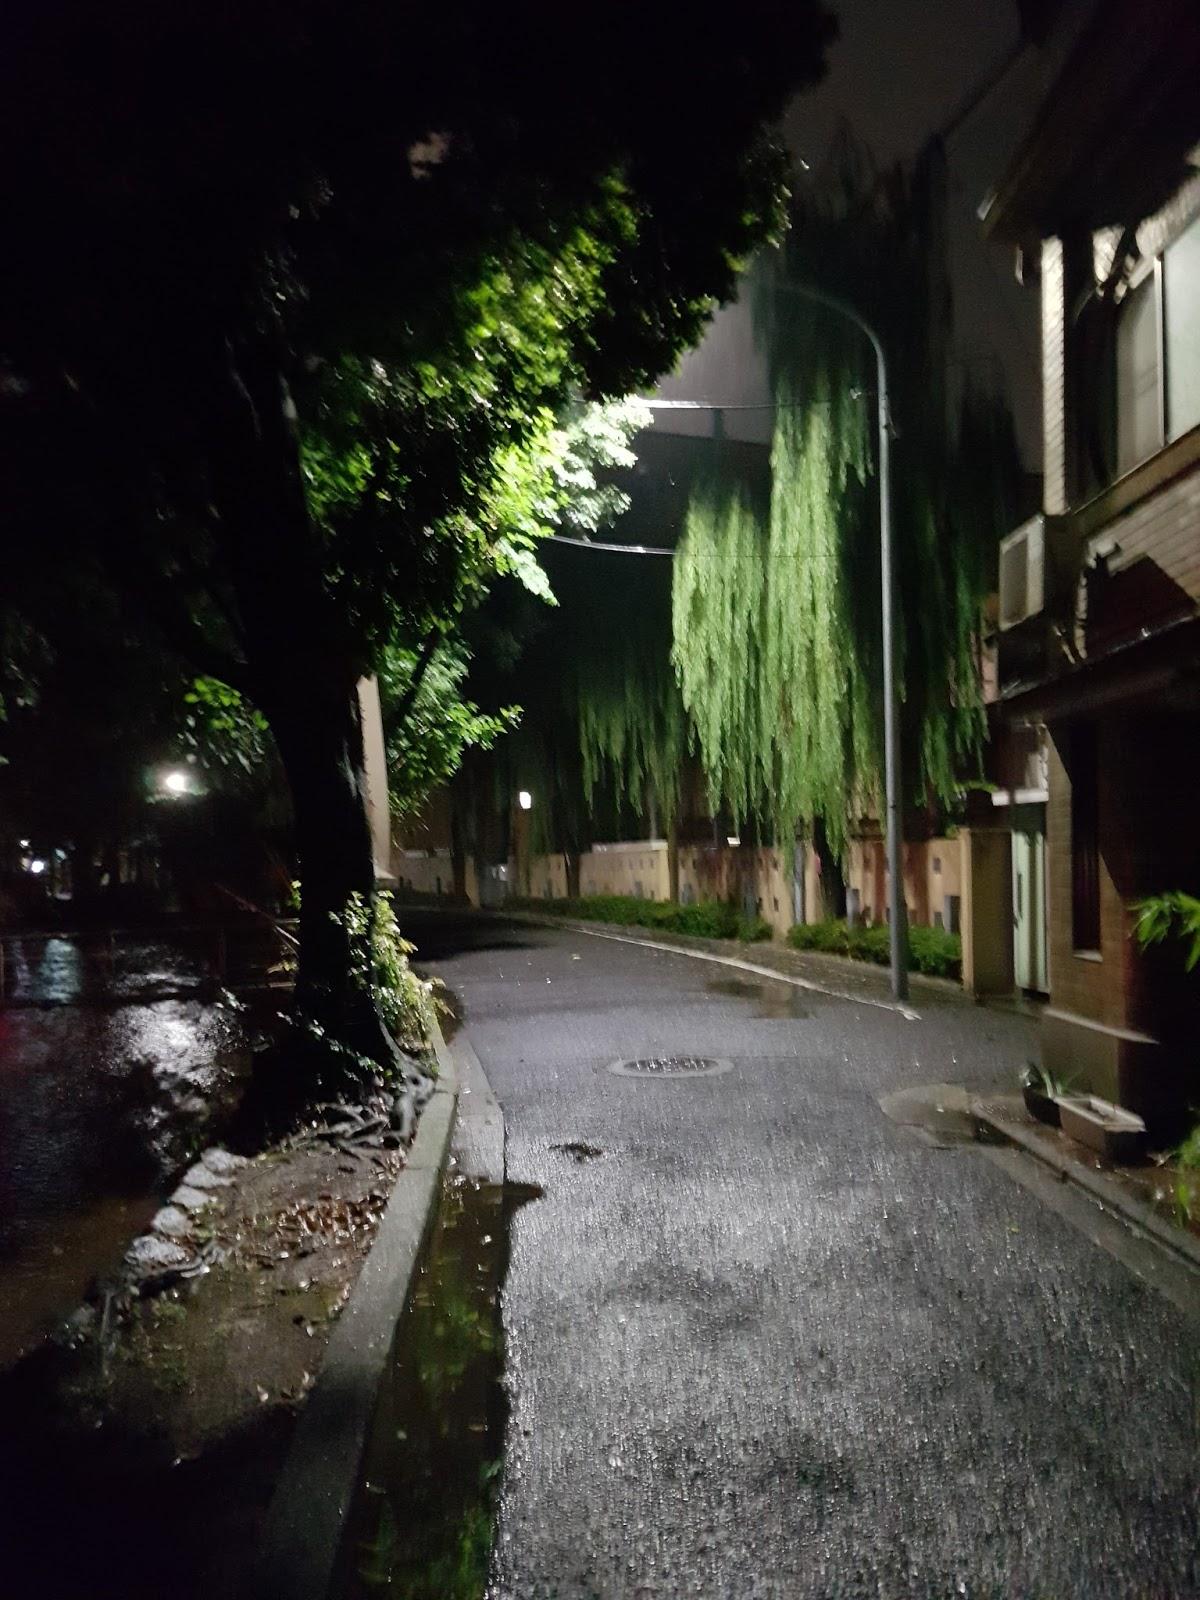 Kyoto canal at night